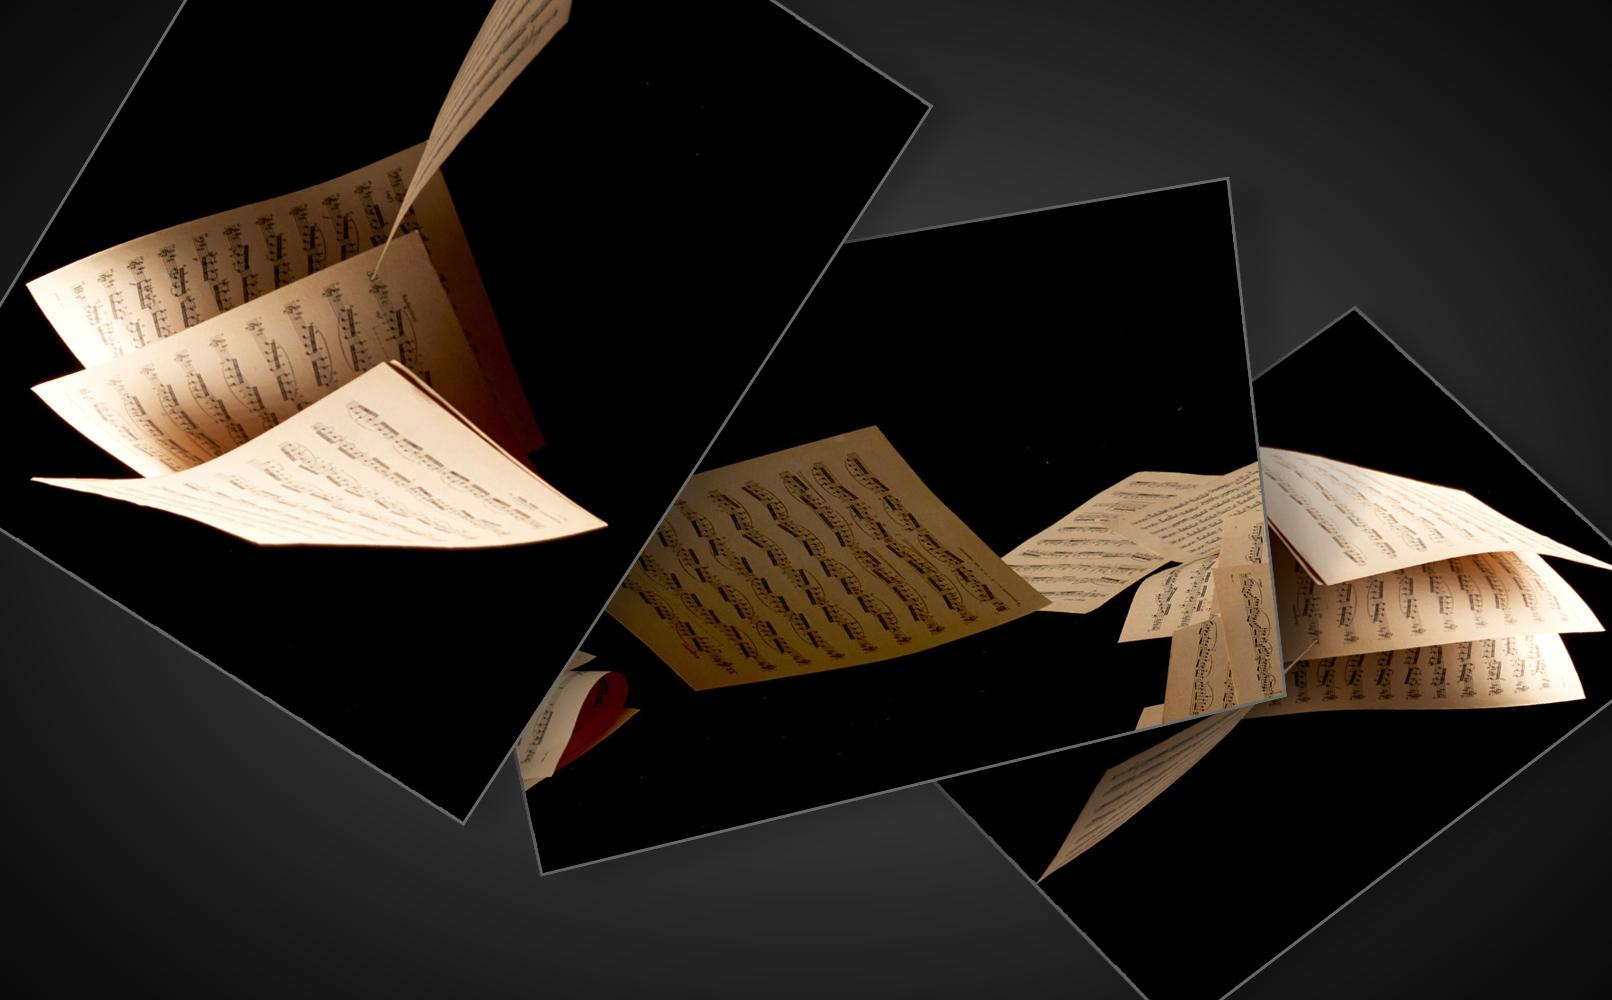 Alte Notenblätter fallen zu Boden – hochaufgelöste Bilder für musikalisch inspirierte Compositings.